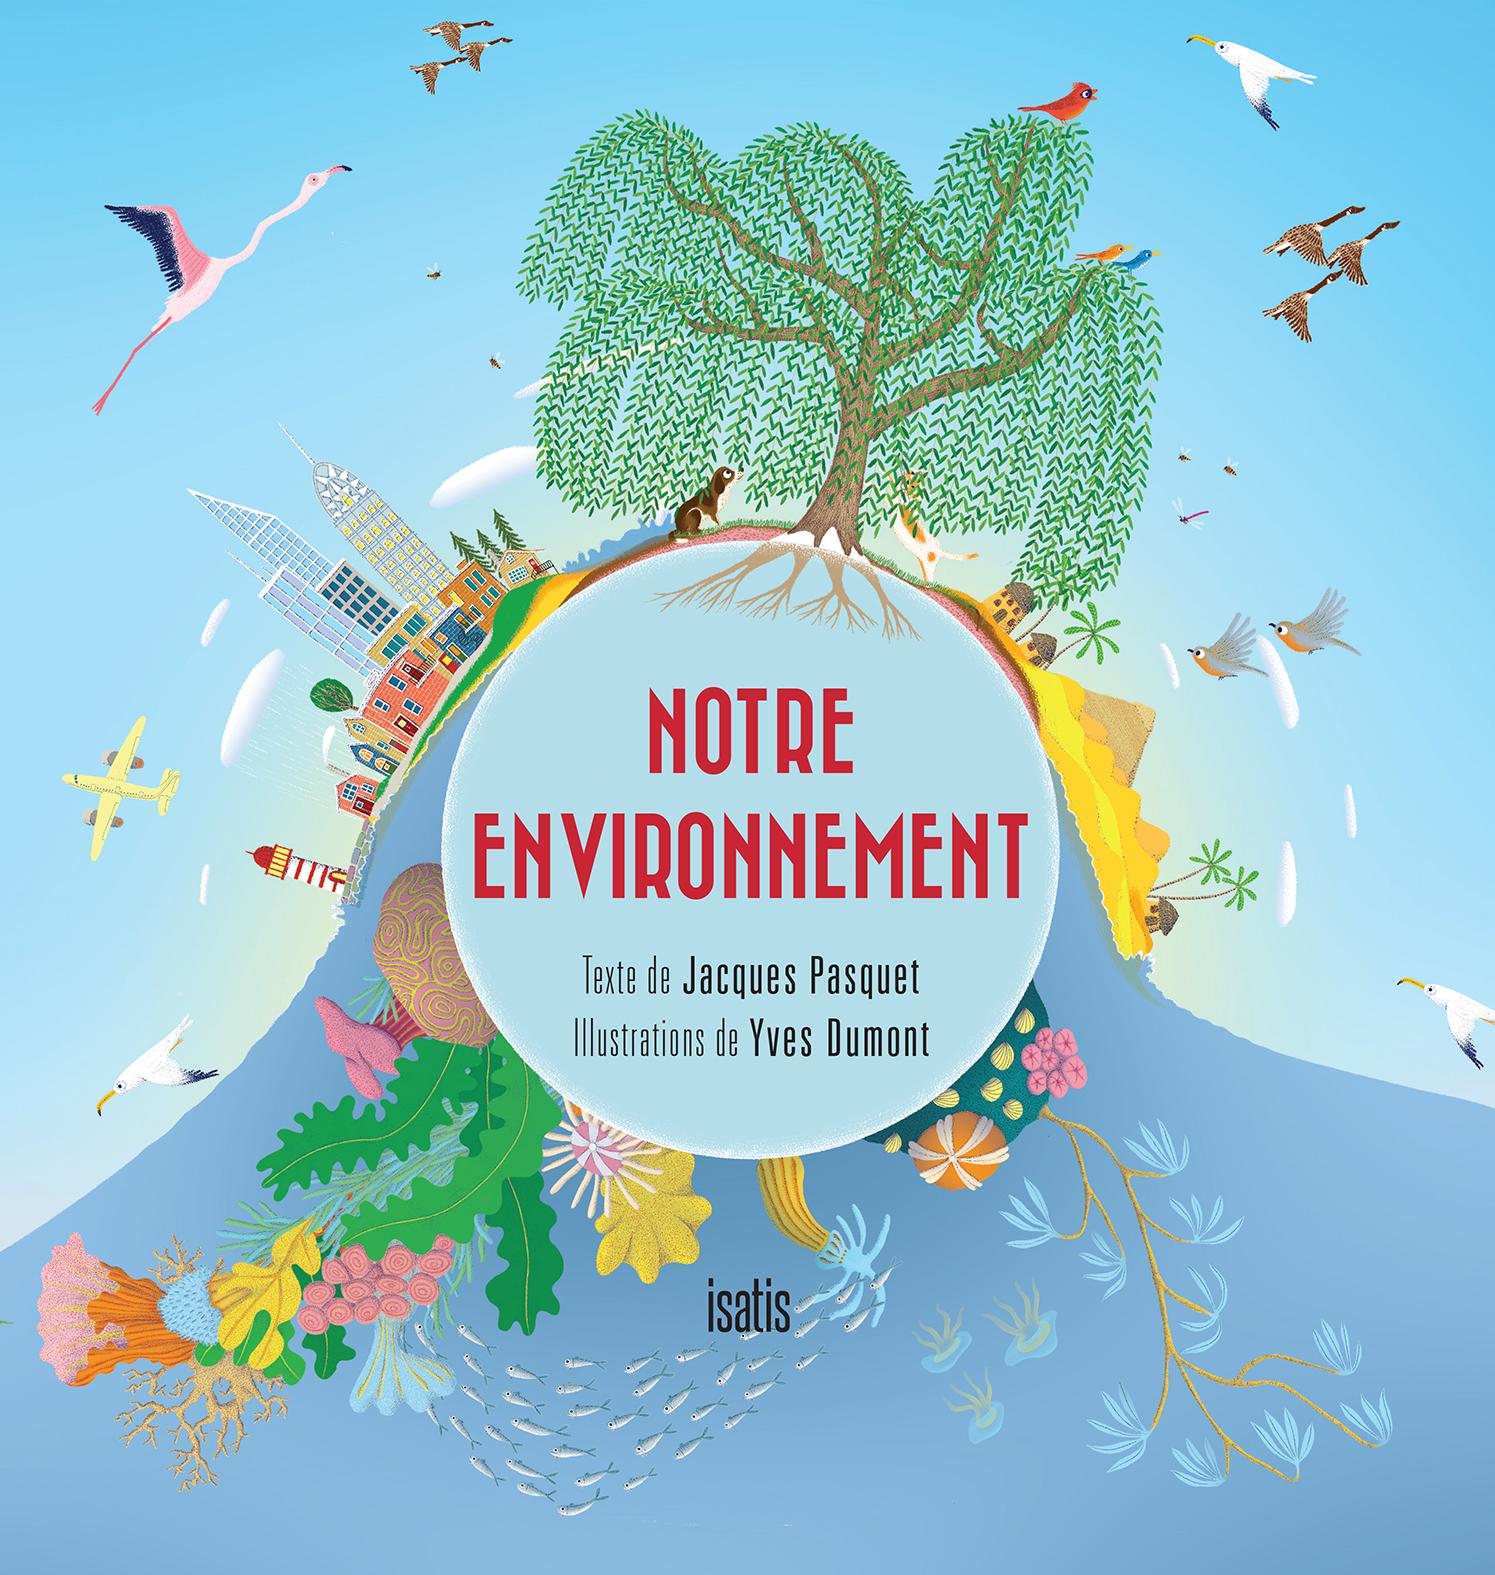 Notre environnement - Éditions de Isatis